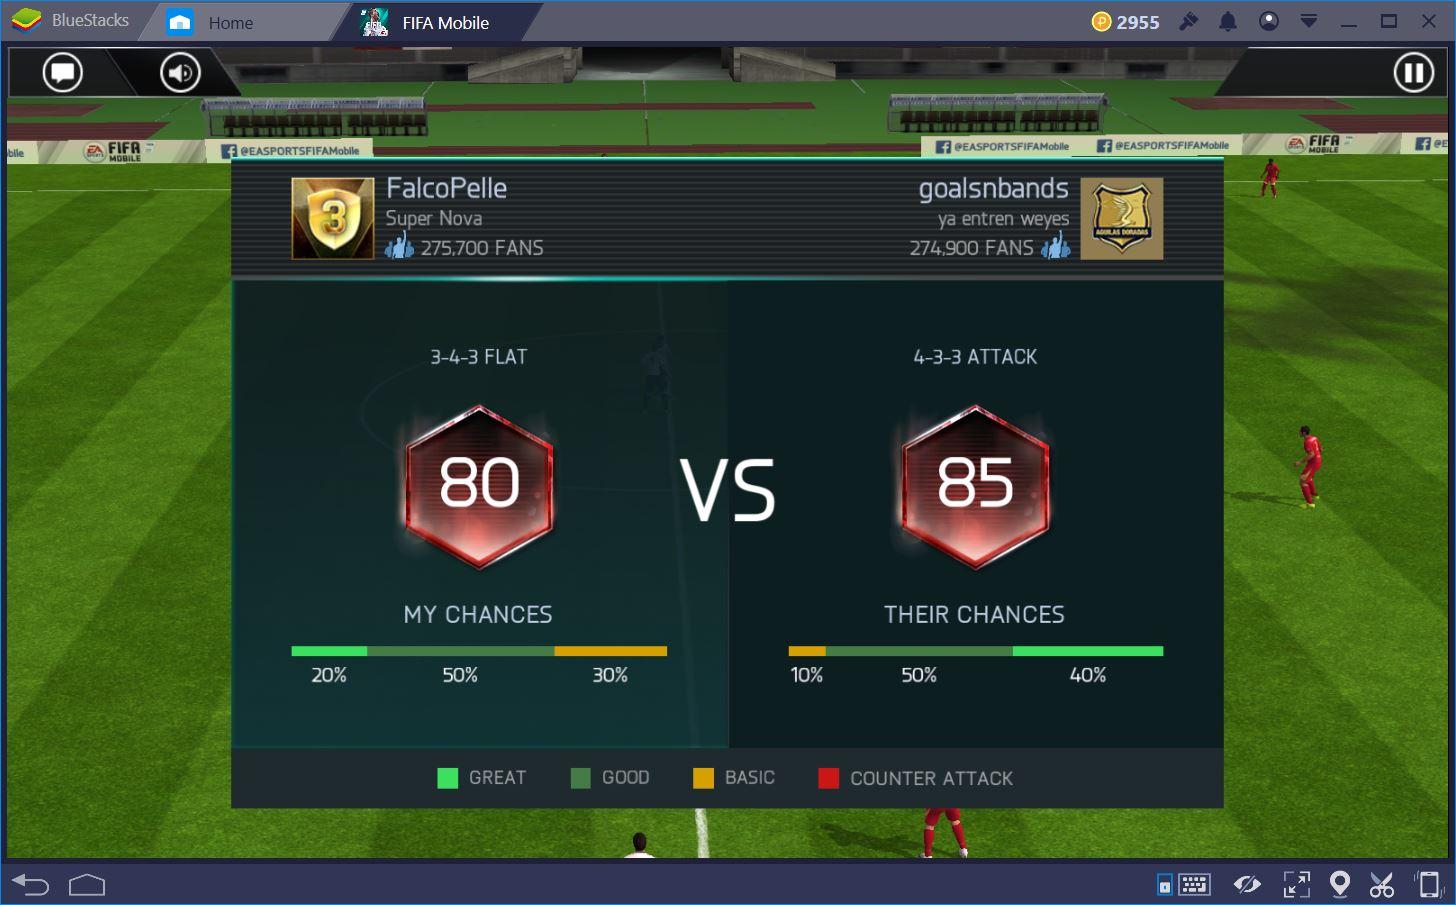 FIFA Calcio: FIFA World Cup (FIFA Mobile) La guida per i nuovi giocatori